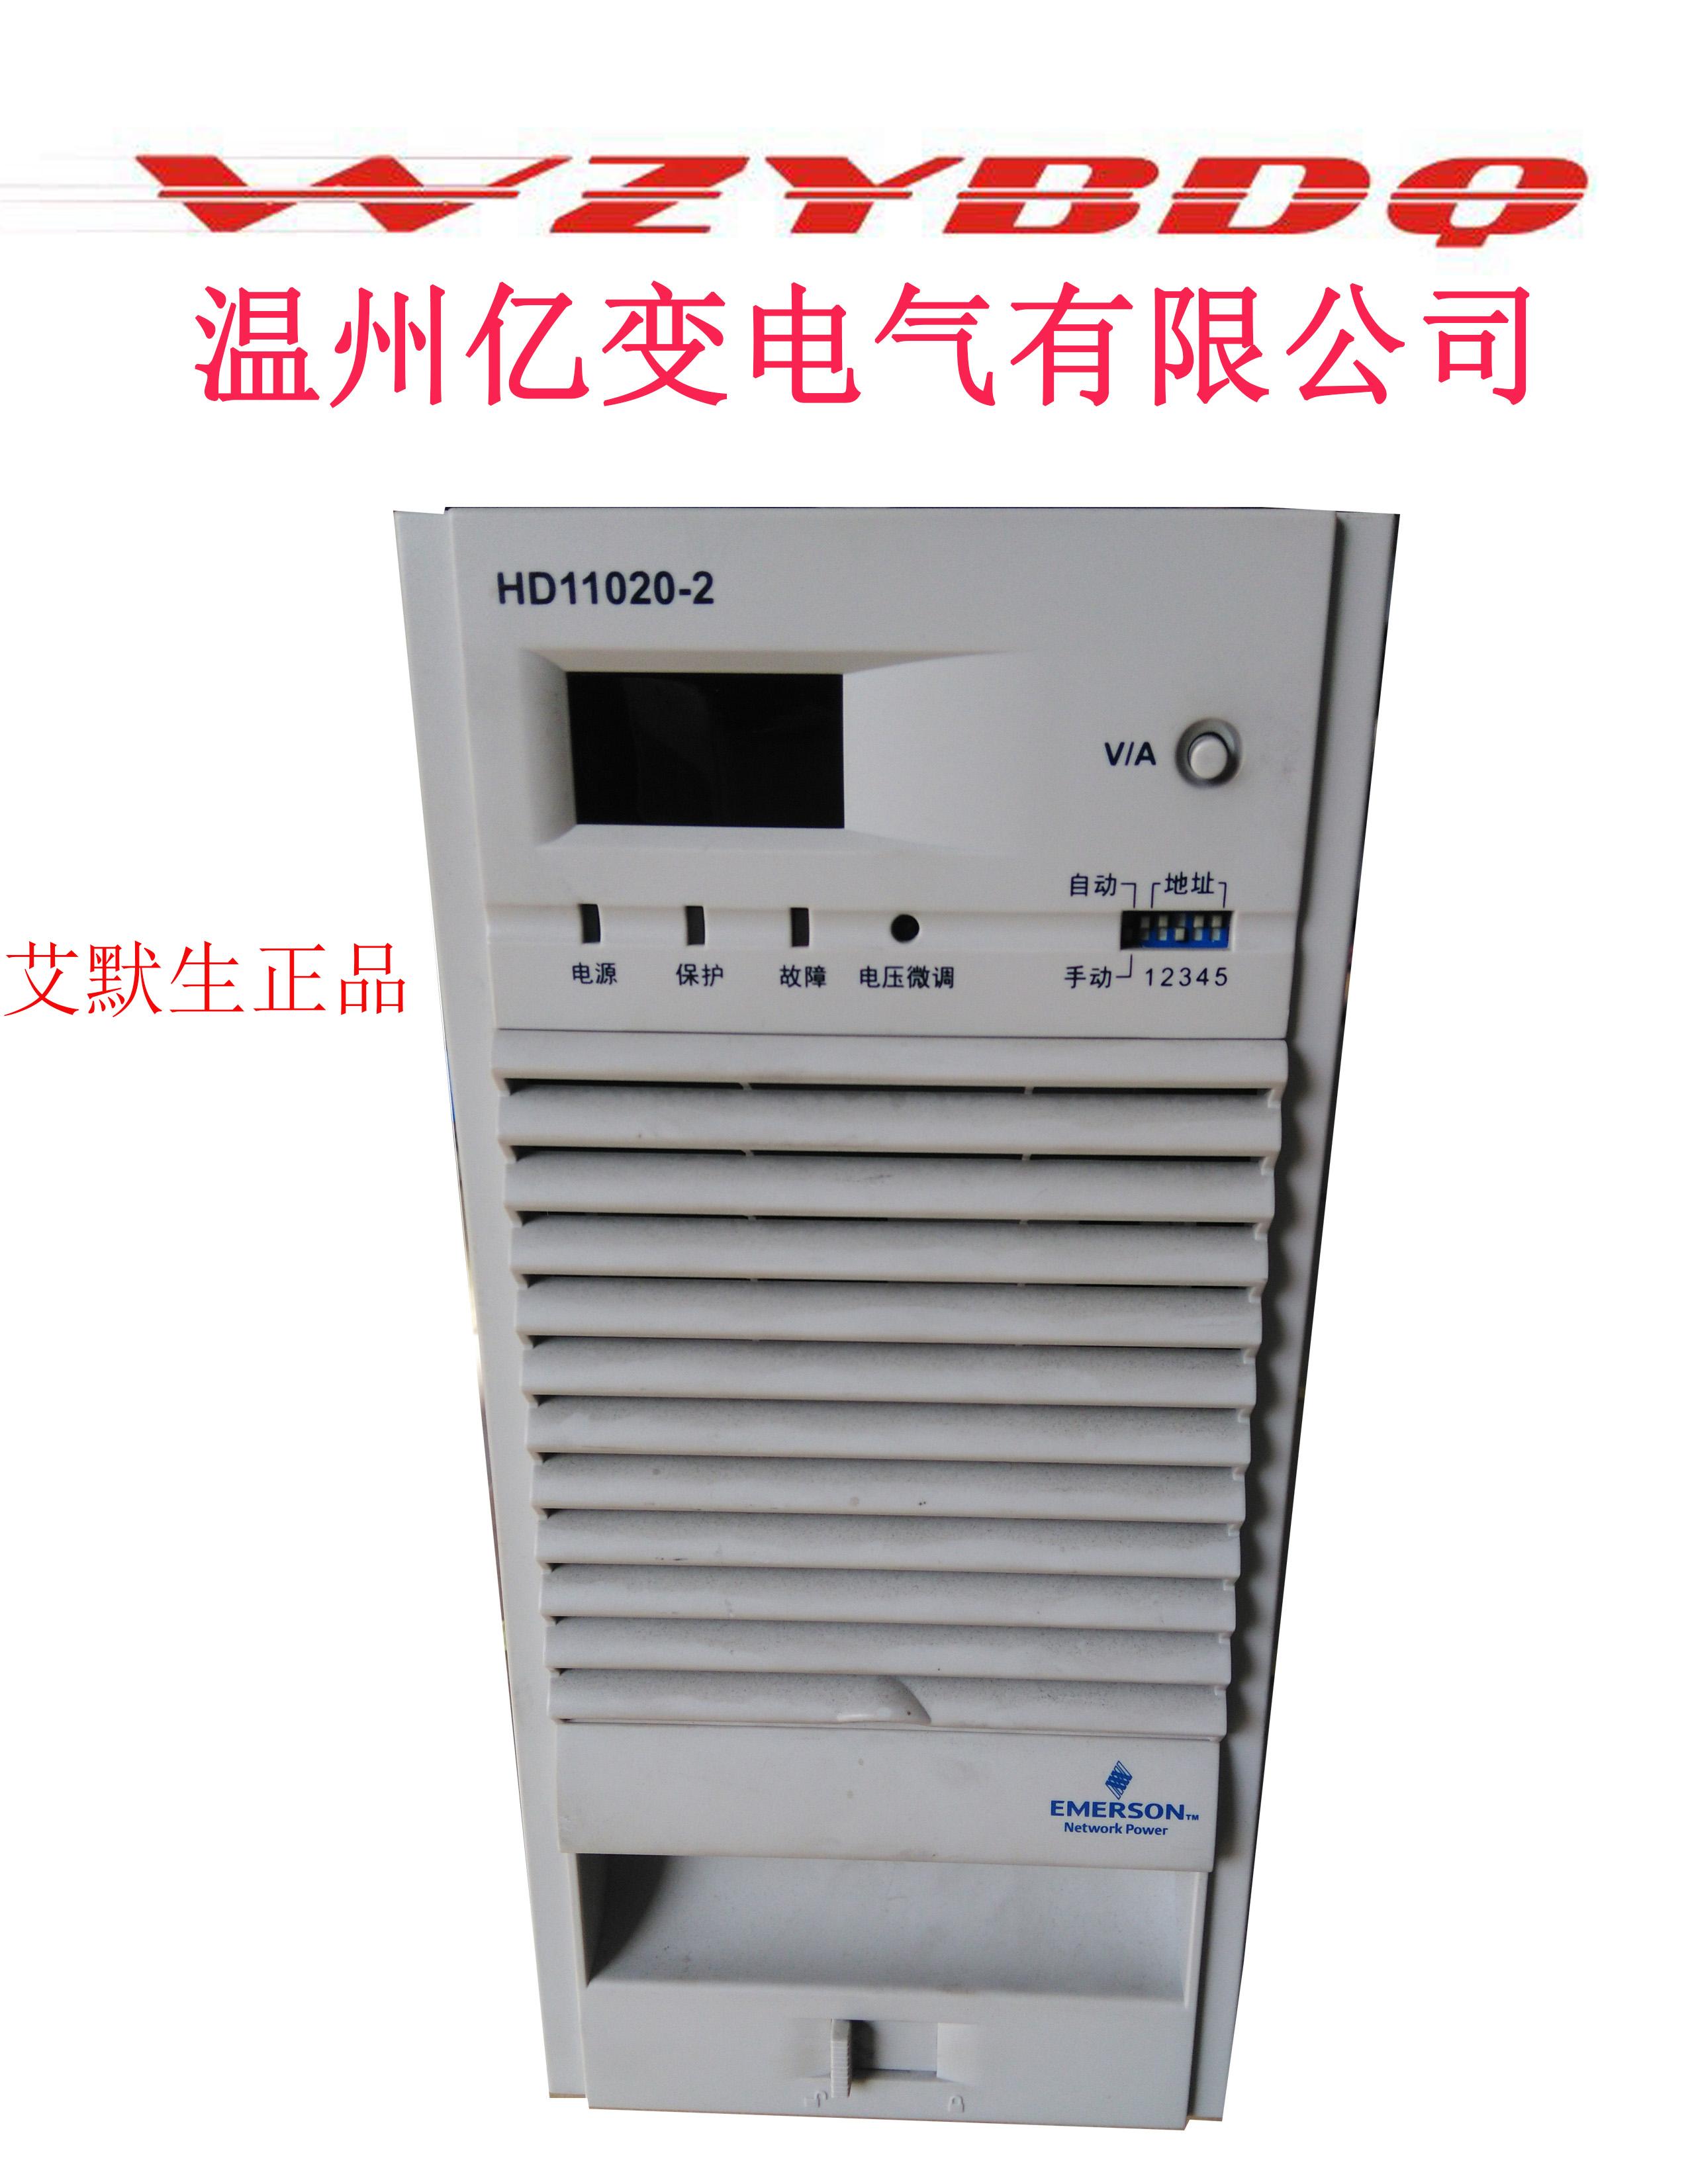 「特価銷售」HD11020-2エマーソン・電源モジュール、充電モジュールHD11020-2